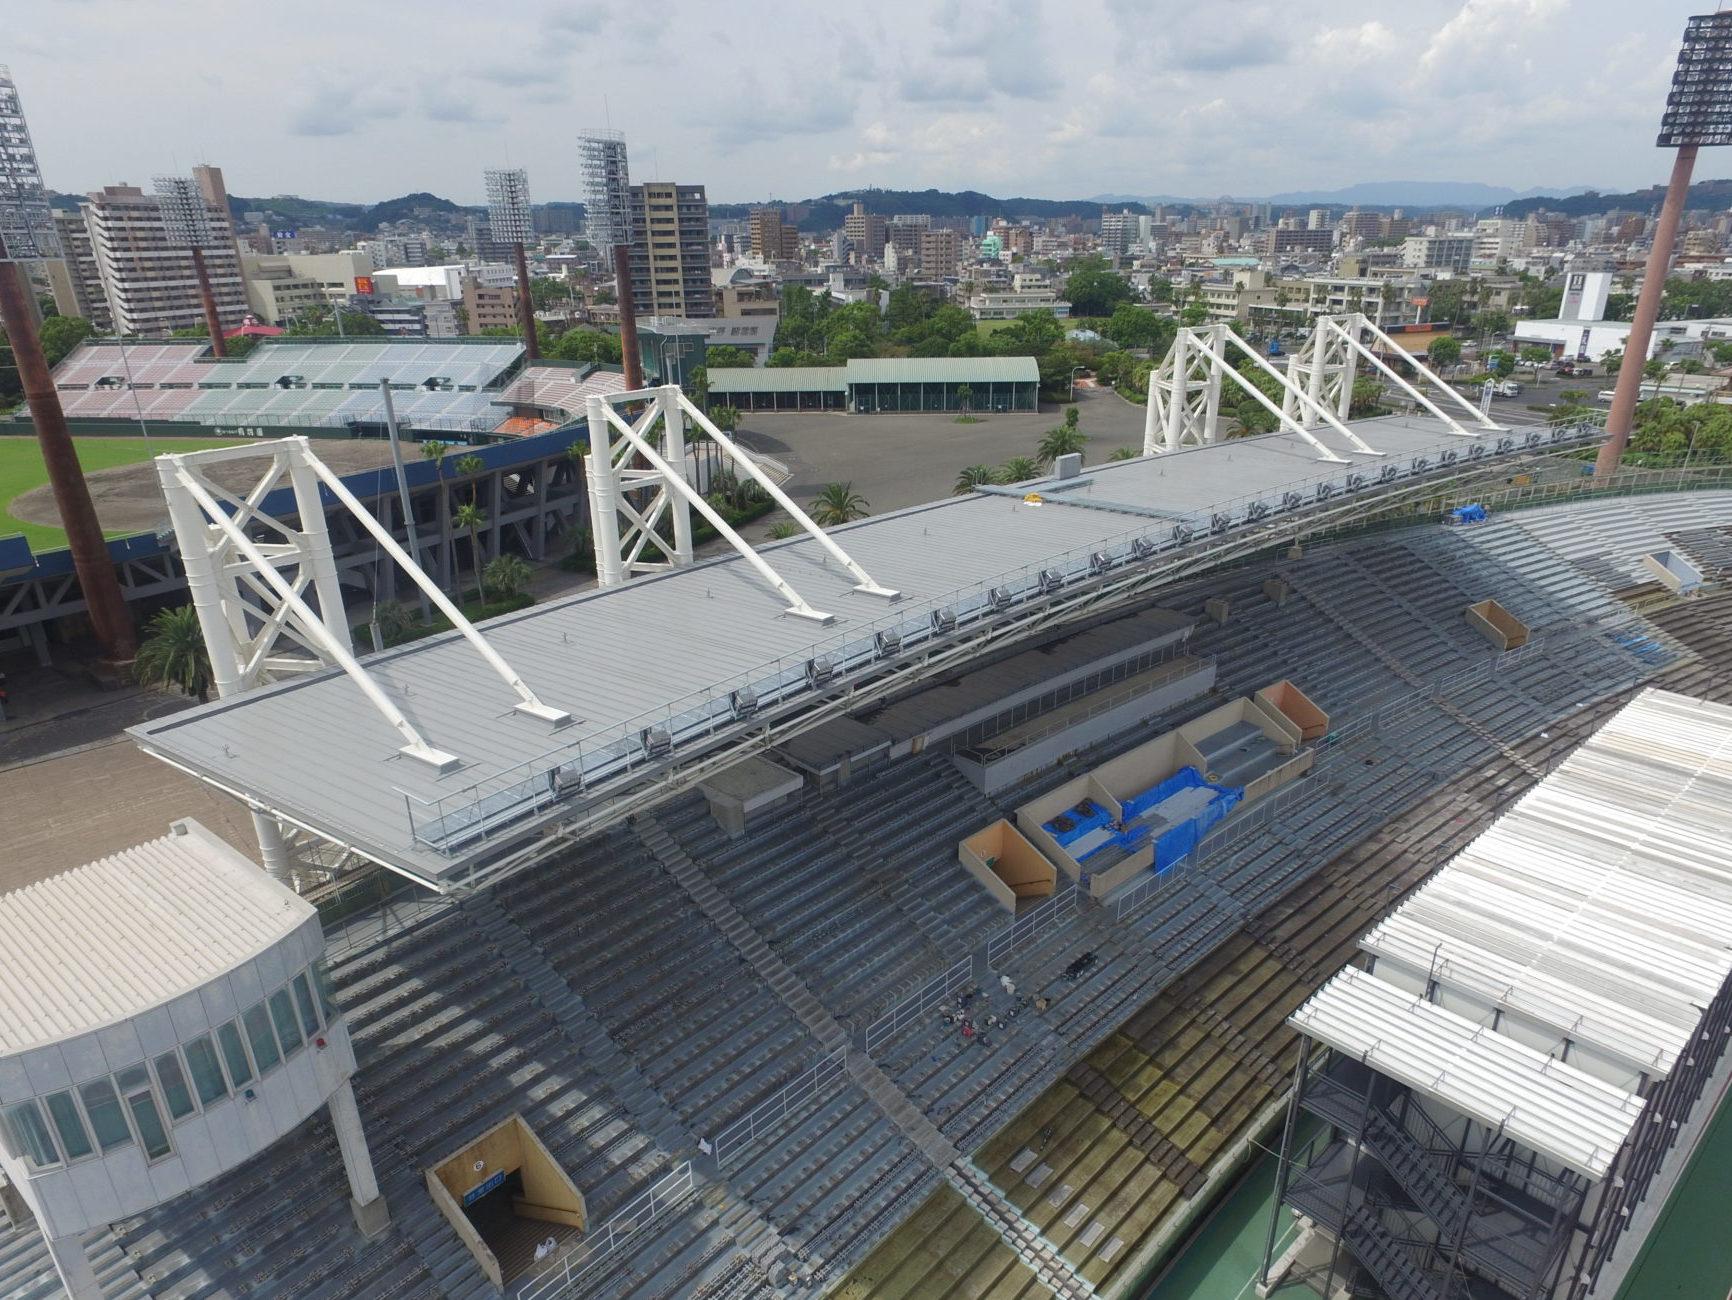 鴨池陸上競技場メインスタンド屋根改築工事